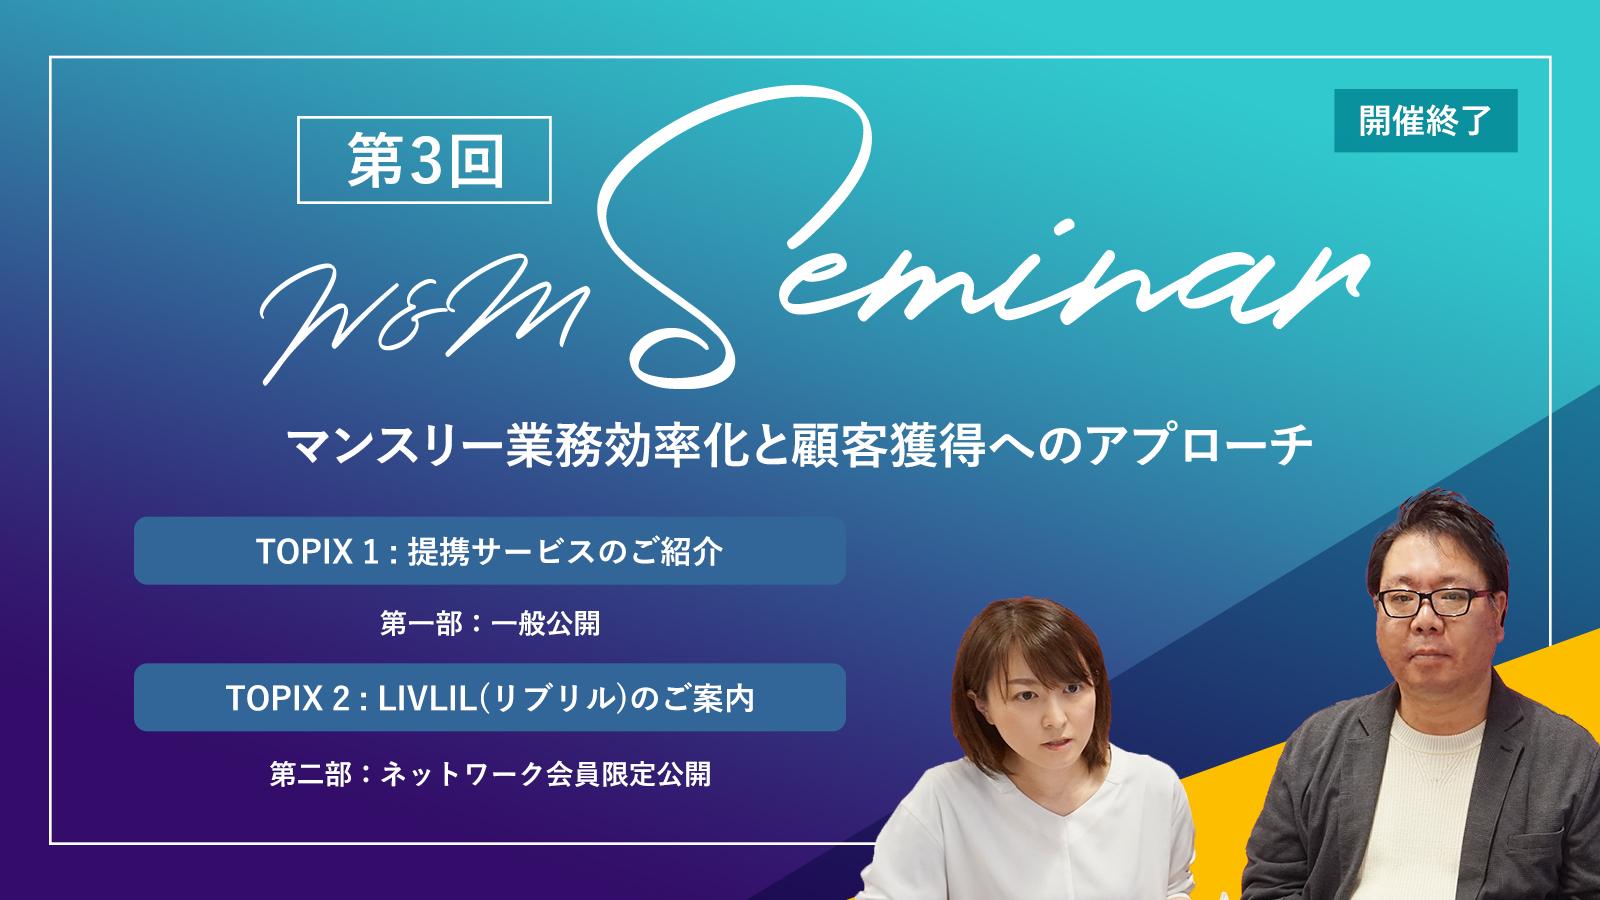 【開催レポート】2月18日(木)、第3回W&Mセミナーを開催いたしました